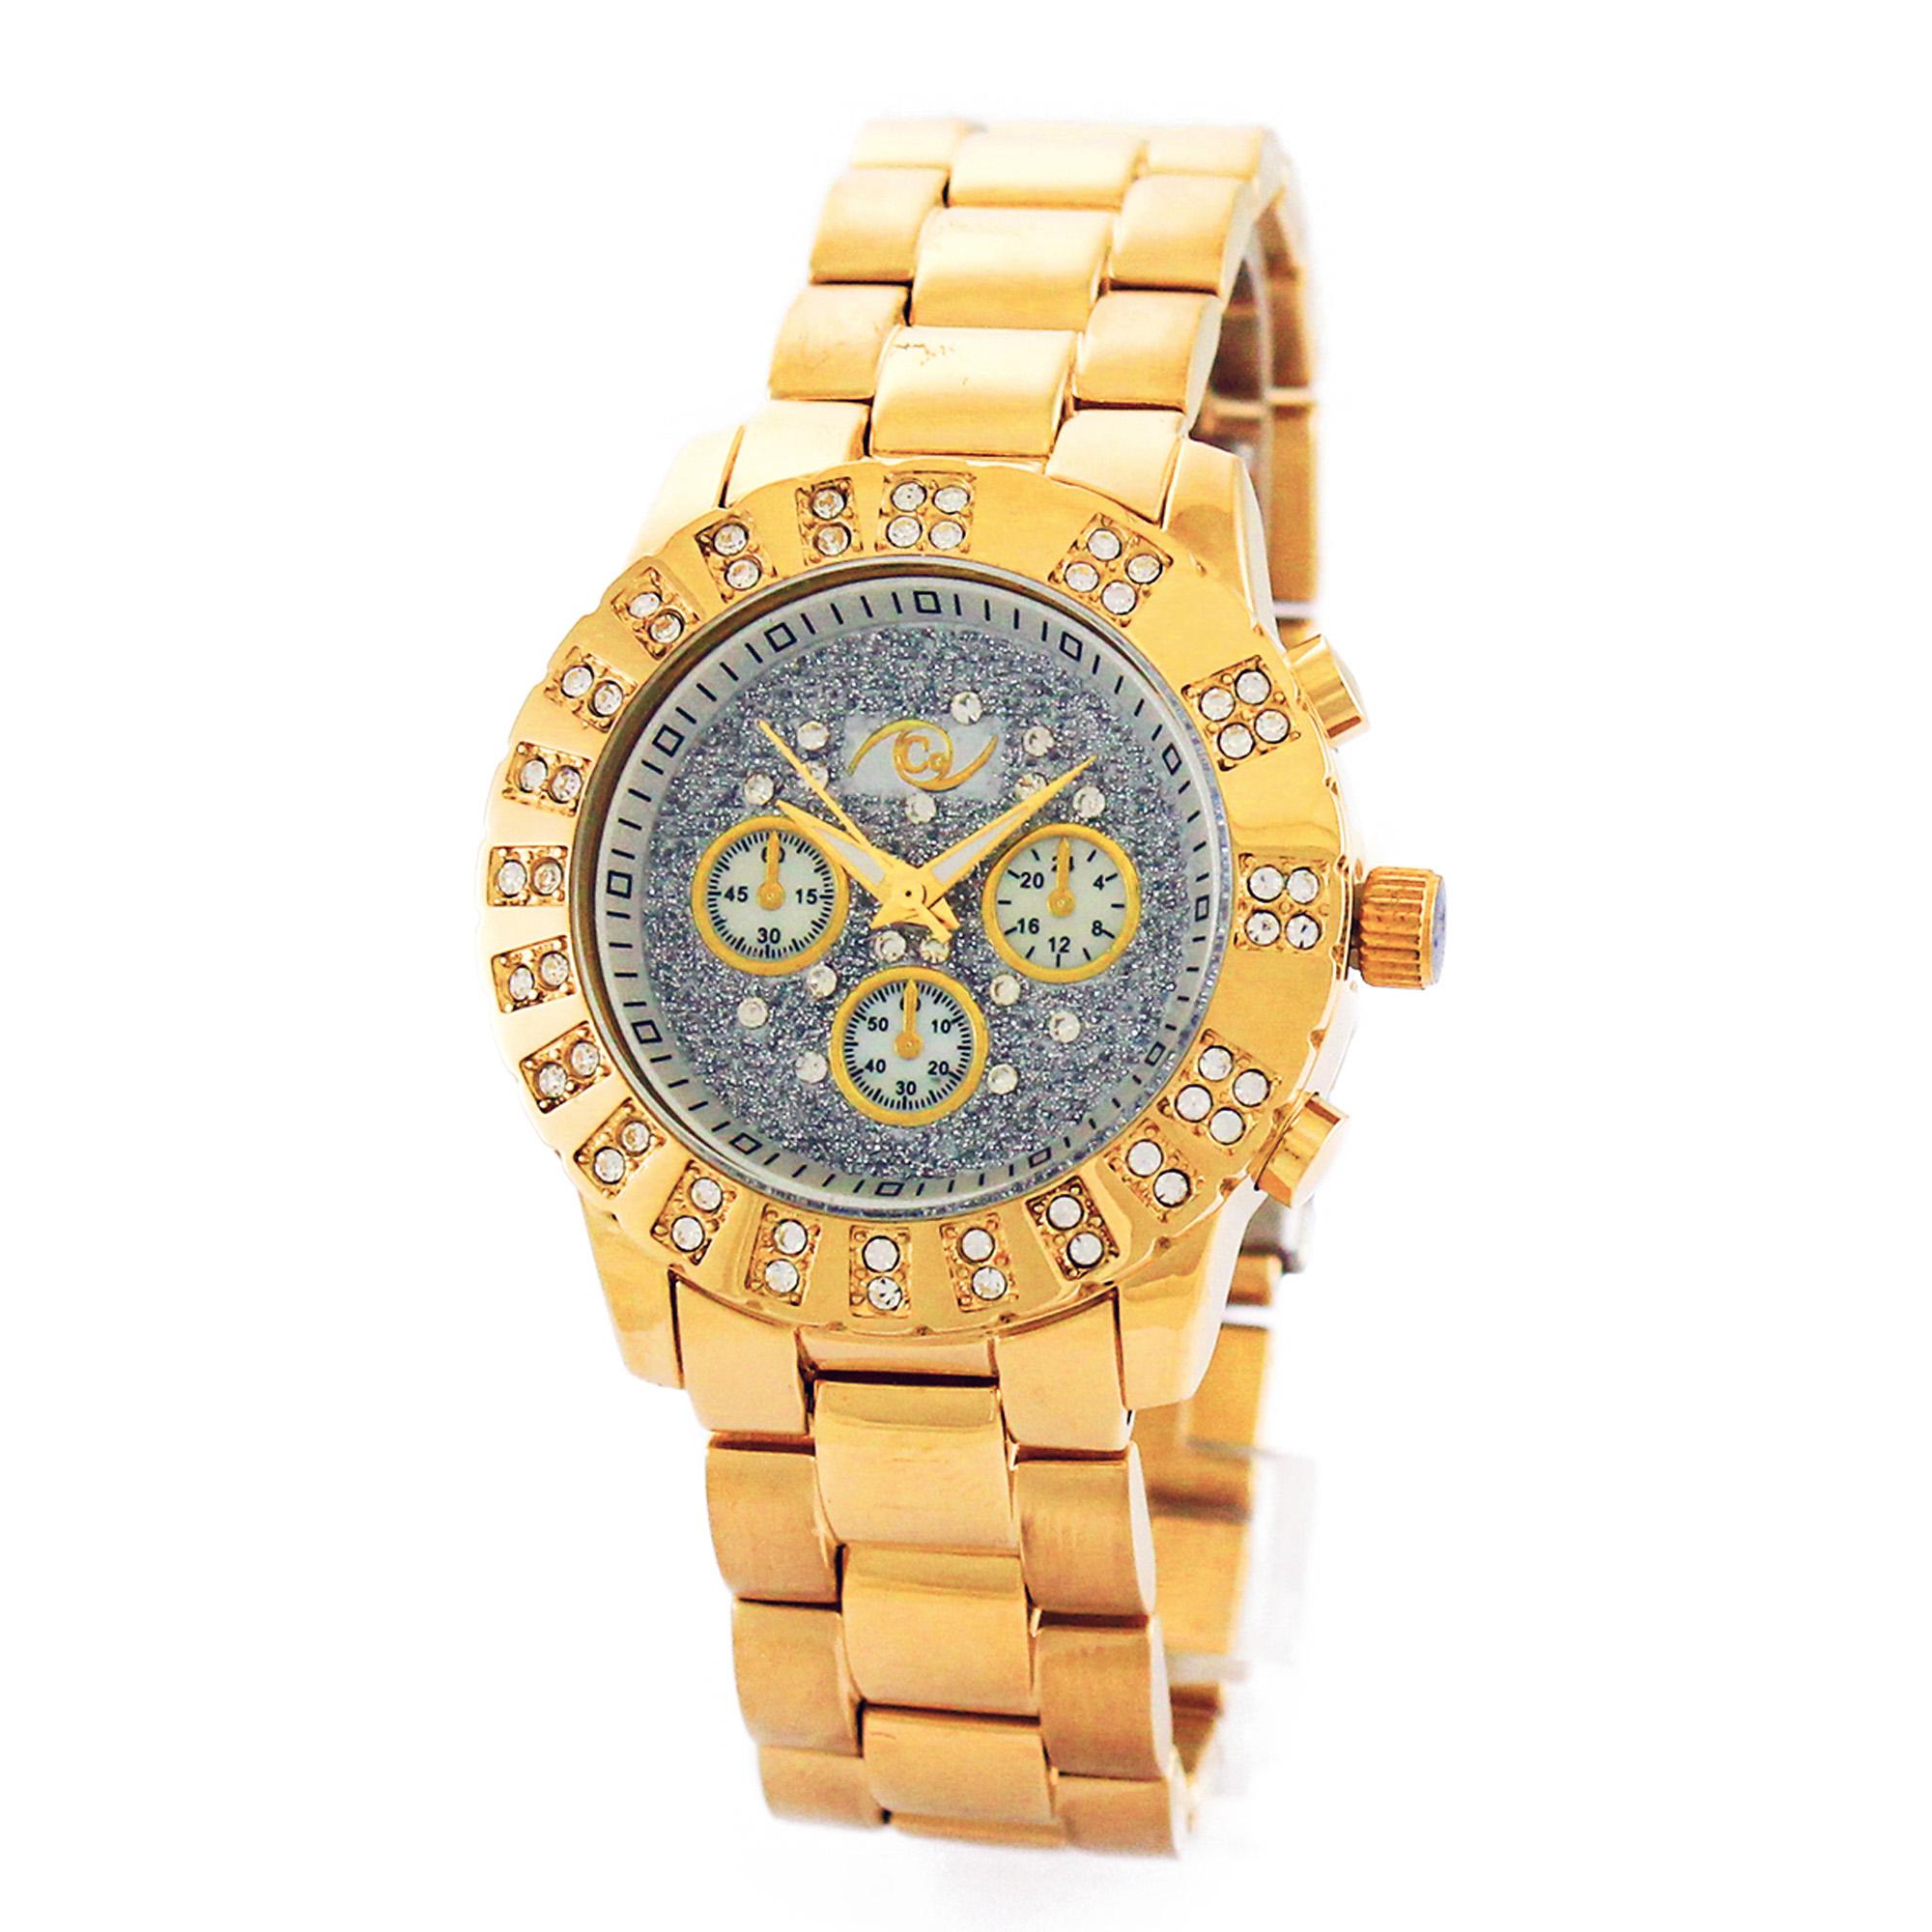 خرید ساعت مچی عقربه ای زنانه کارلو پروجی مدل L8971